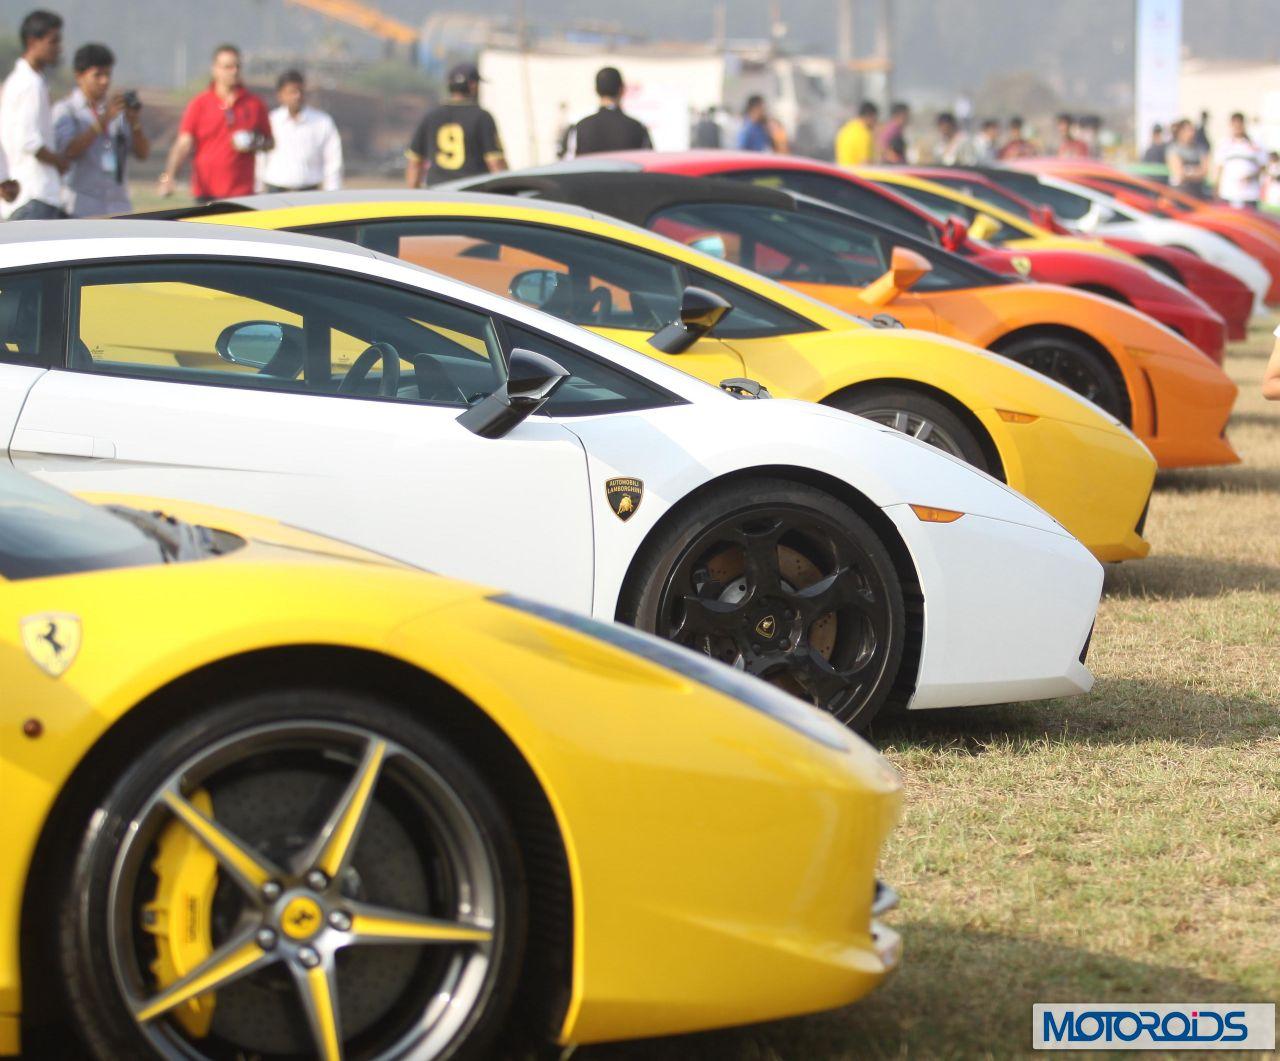 a-Supercar-on-display-at-5th-Parx-Super-Car-Show motoroids-pramotion-728 Supercars-on-display-at-5th-Parx-Super-Car-Show2